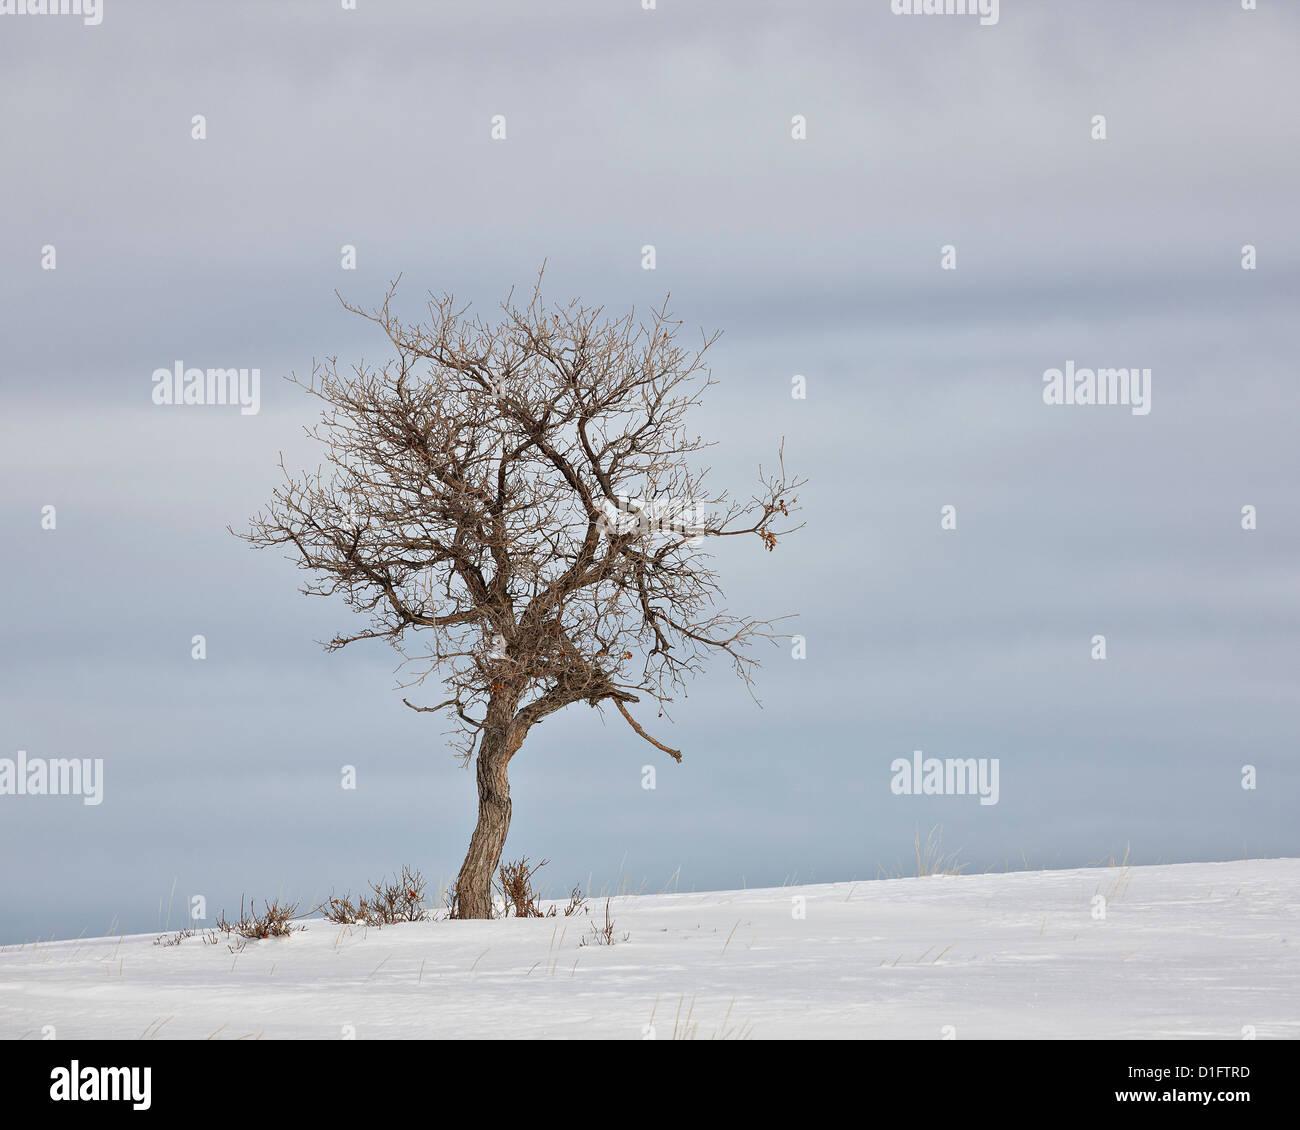 Arbre nu dans la neige, l'Uncompahgre National Forest, Colorado, États-Unis d'Amérique, Amérique Photo Stock